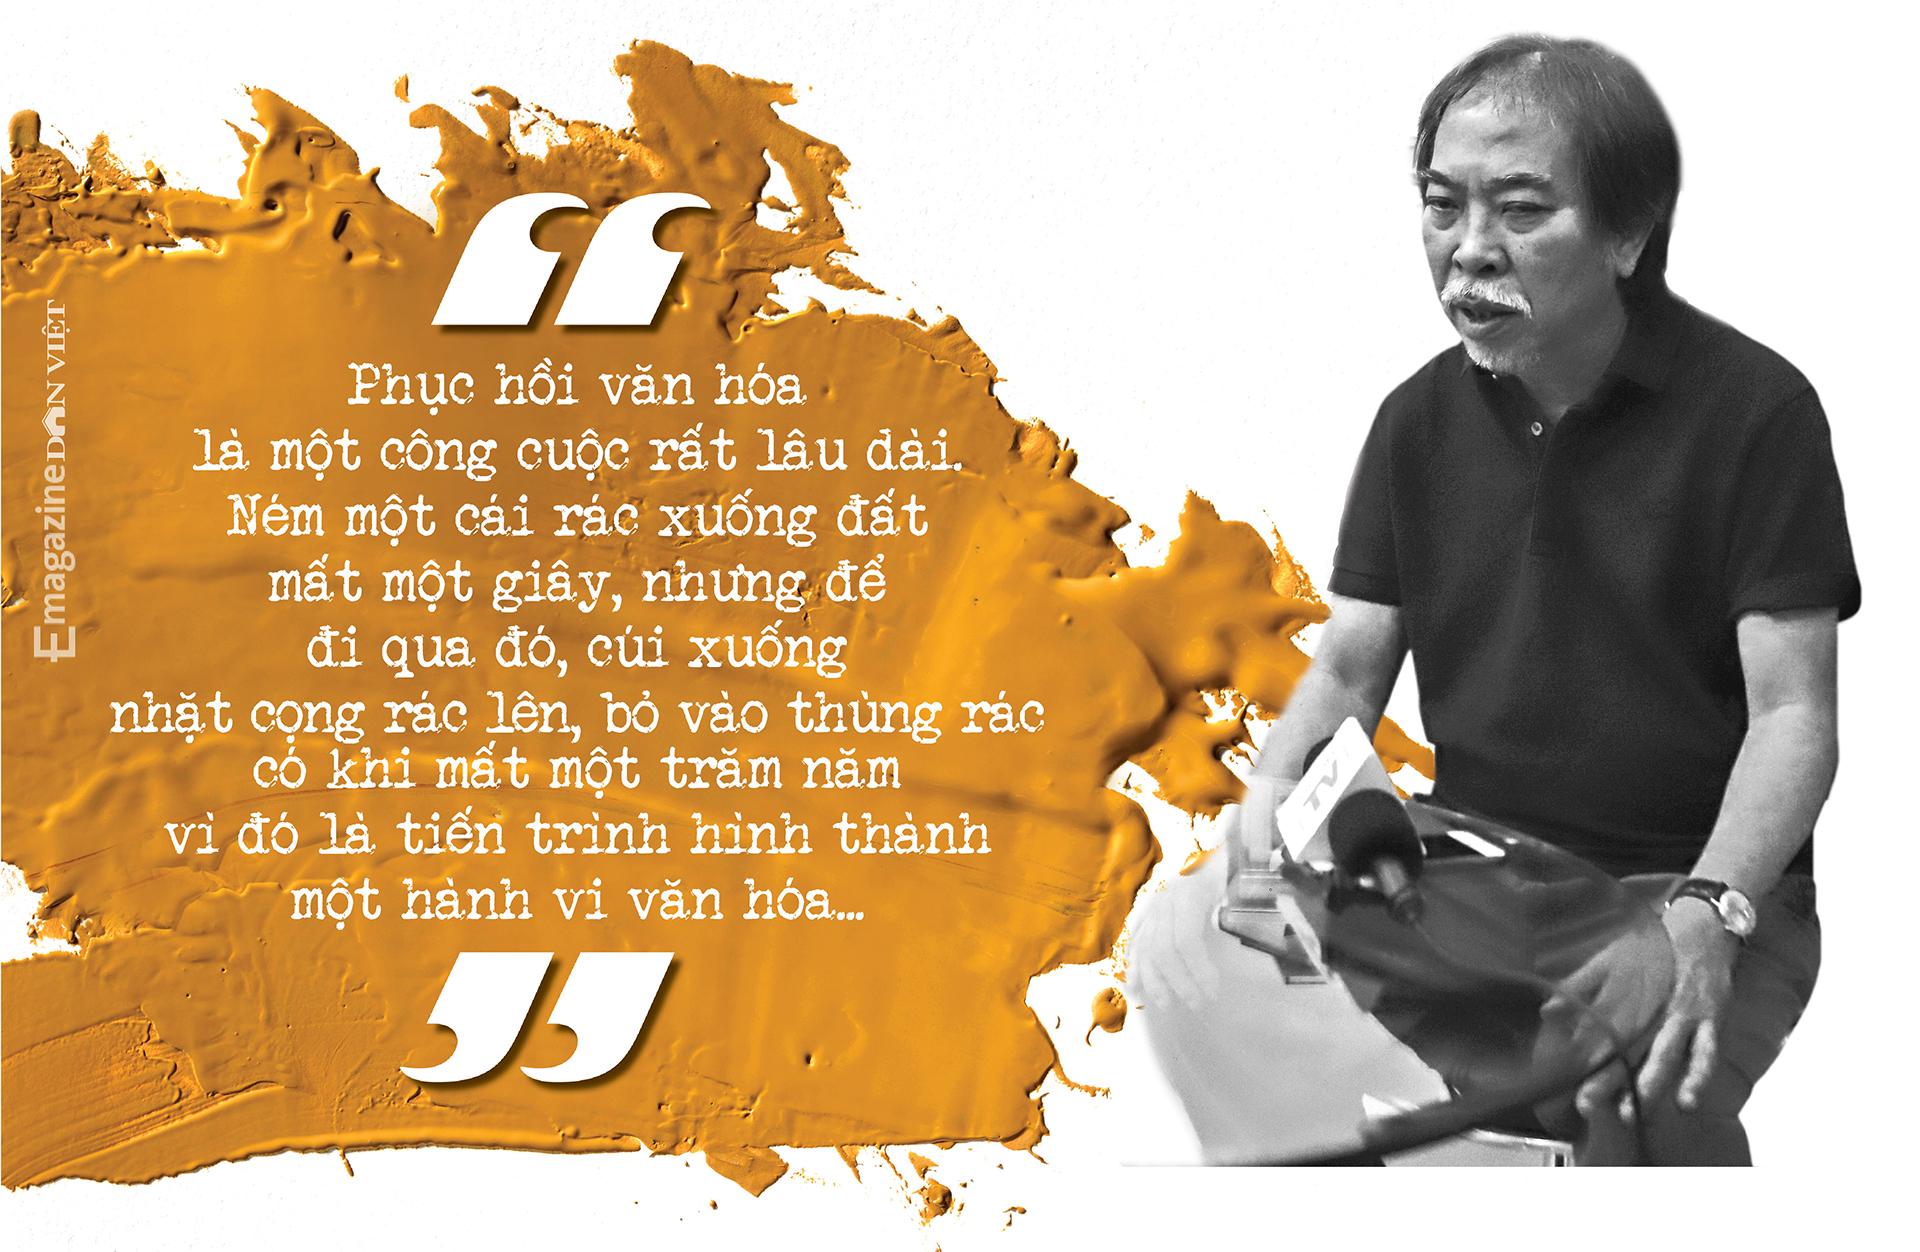 Nhà văn Nguyễn Quang Thiều: Sự đập cánh của đôi cánh tự do khác đôi chân của kẻ tuỳ tiện - Ảnh 20.